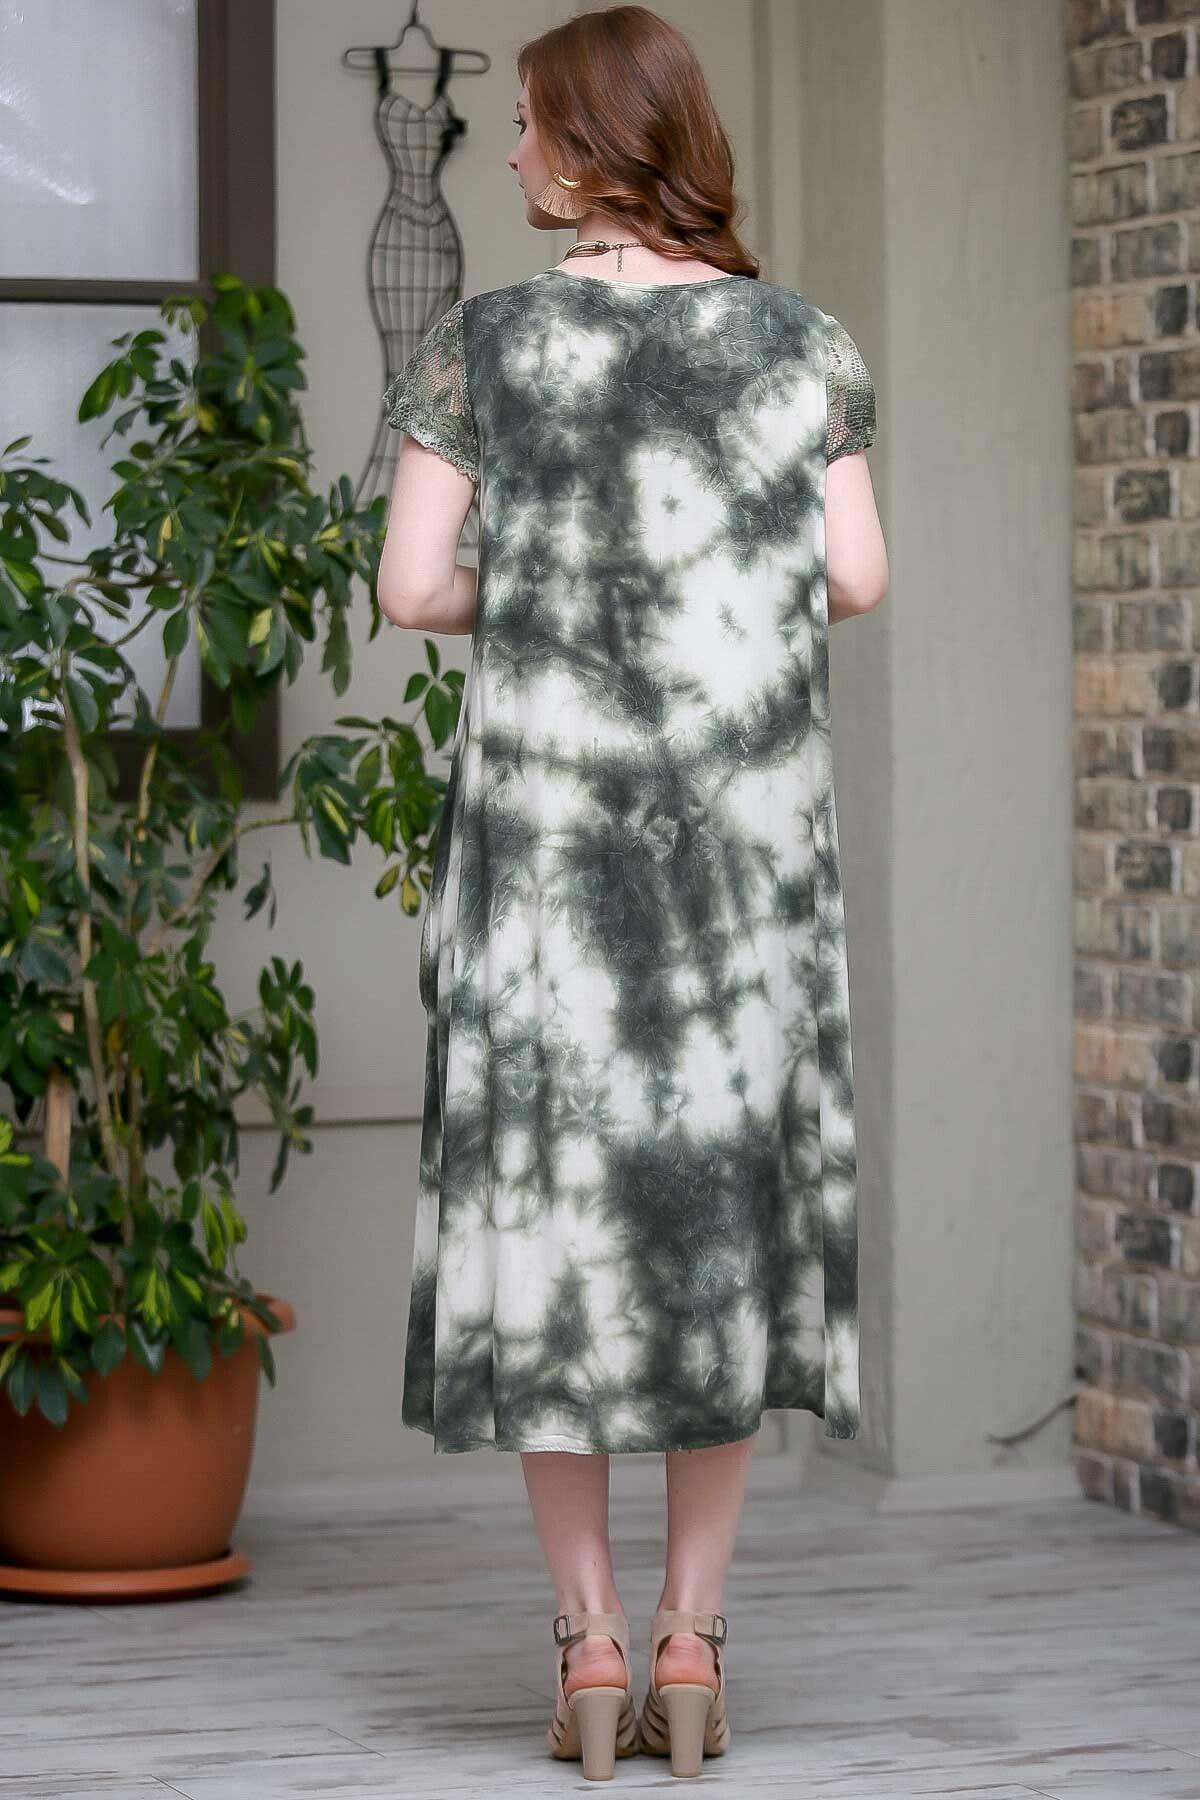 Chiccy Kadın Yeşil Desenli Dantel Kol Ve Cep Detaylı Salaş Yıkamalı Astarlı Dokuma Elbise  M10160000EL97244 4